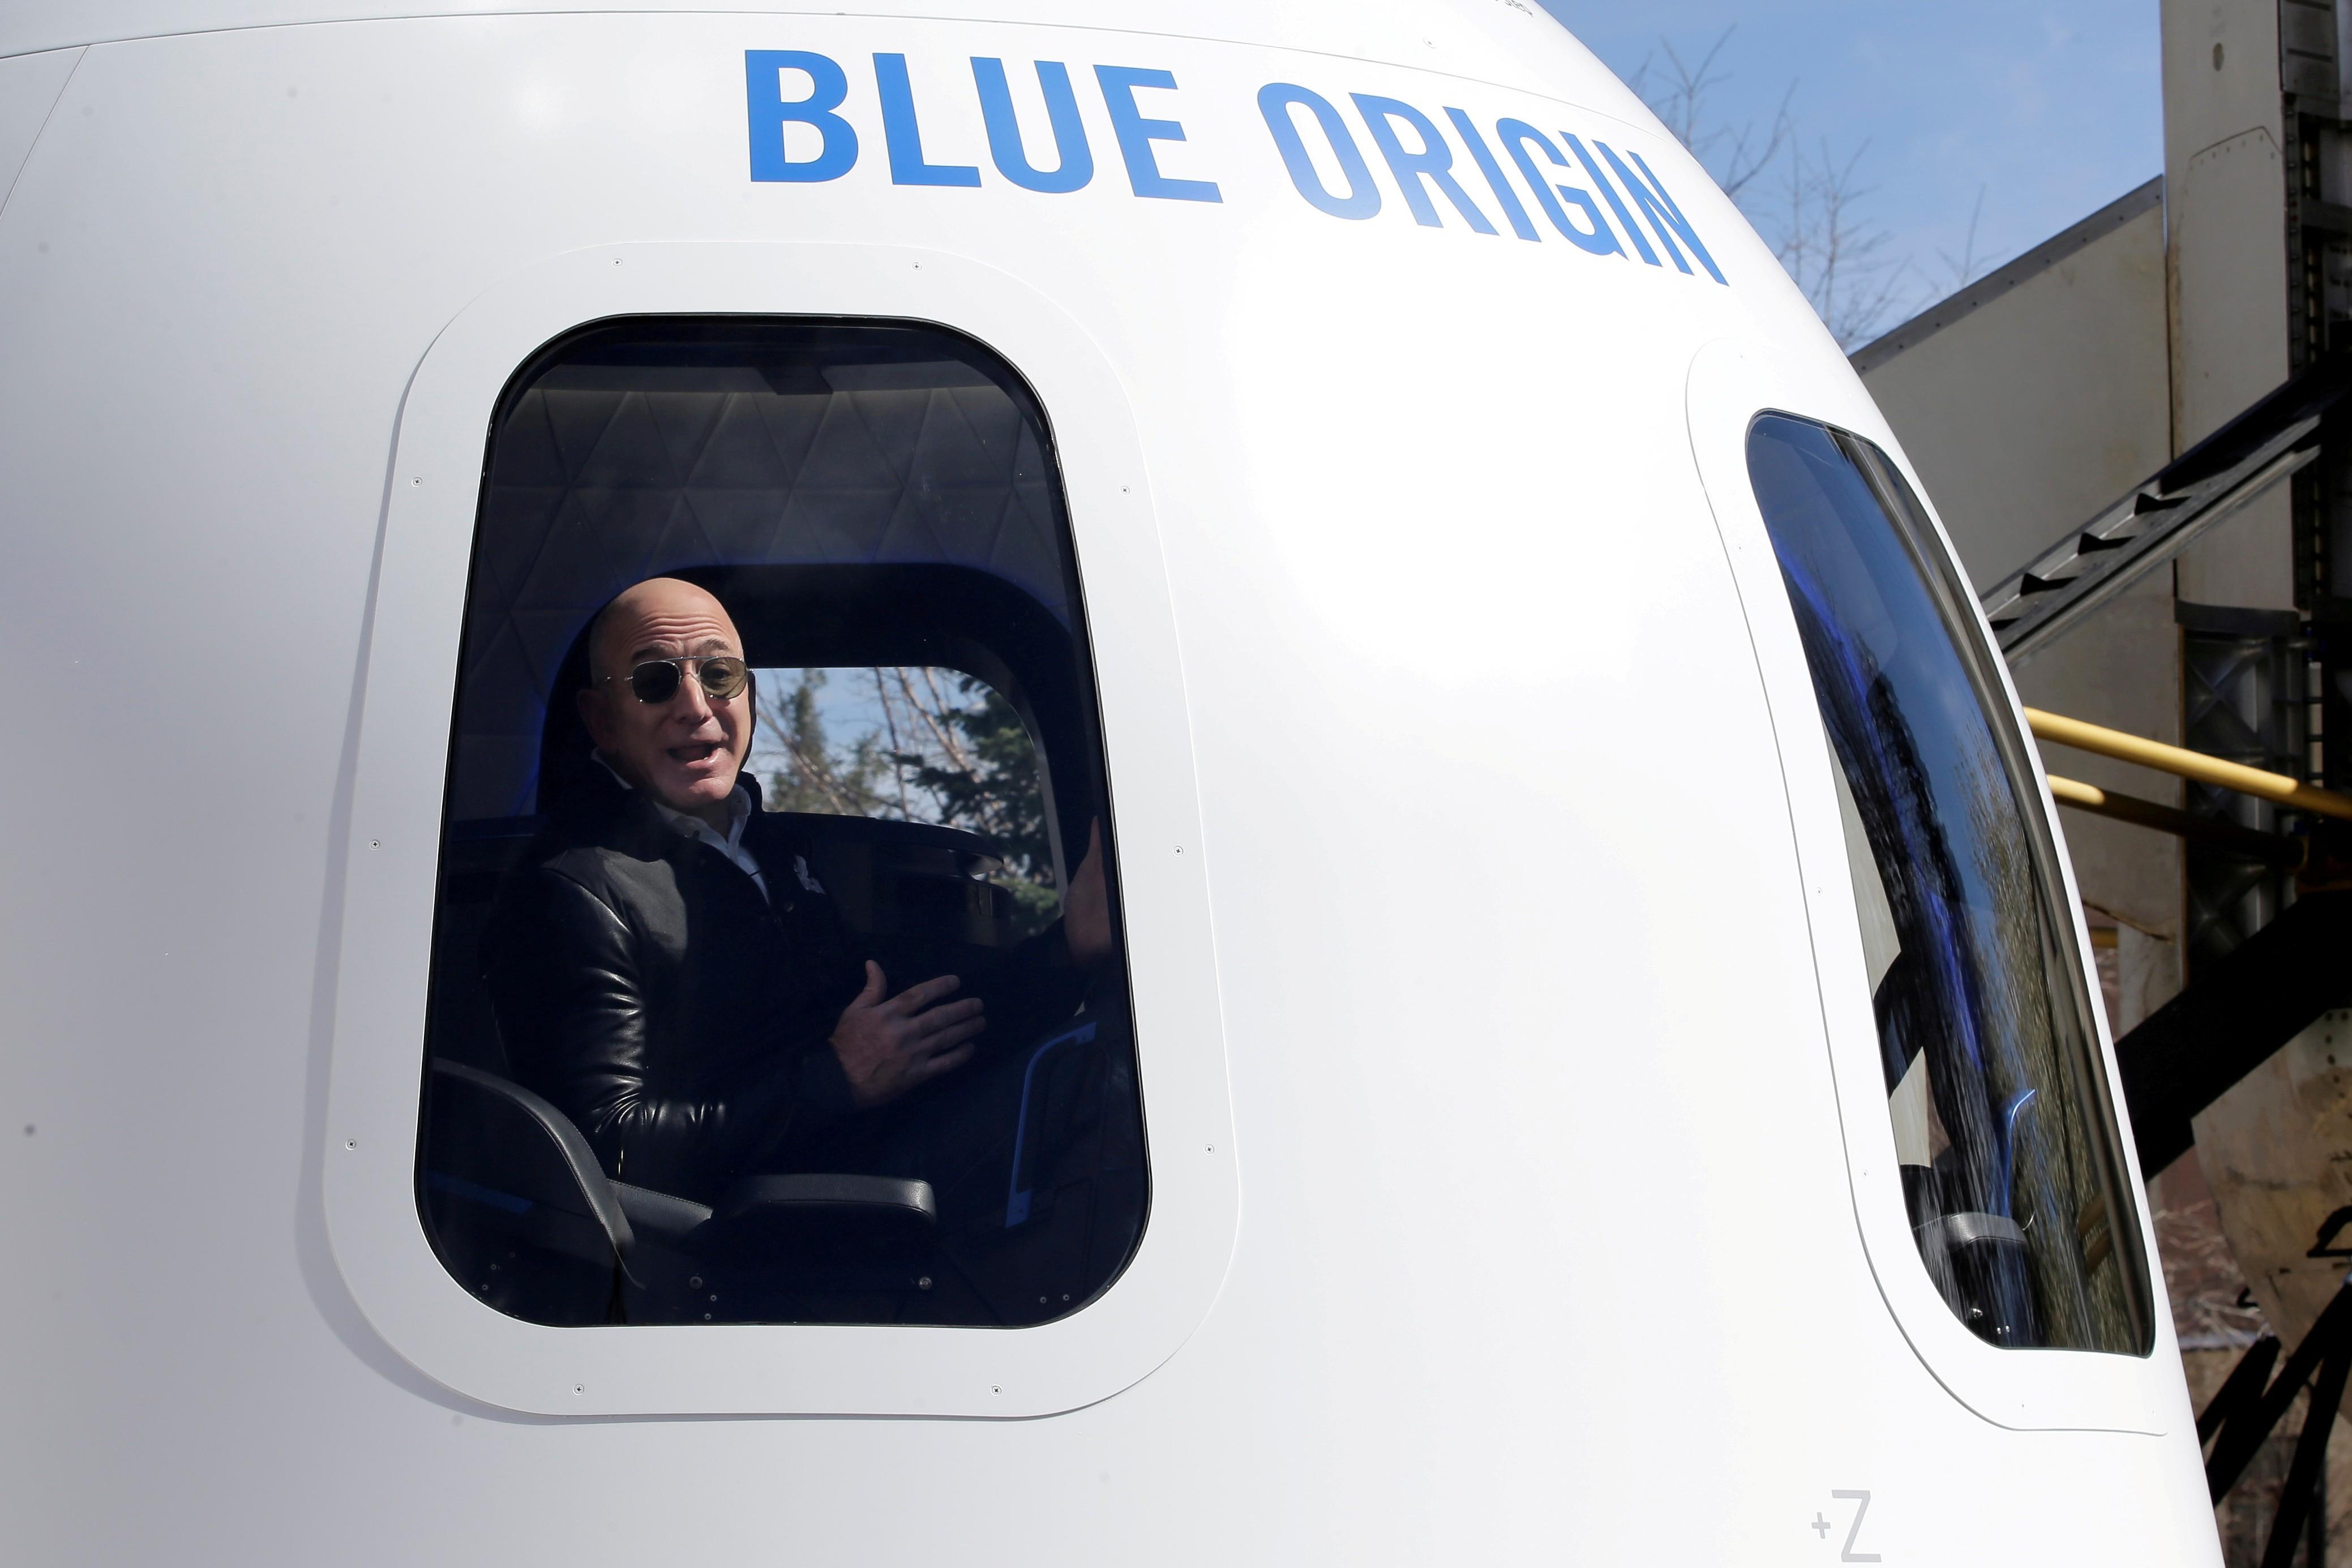 Milhares de pessoas assinam petição pedindo que Jeff Bezos não volte do espaço